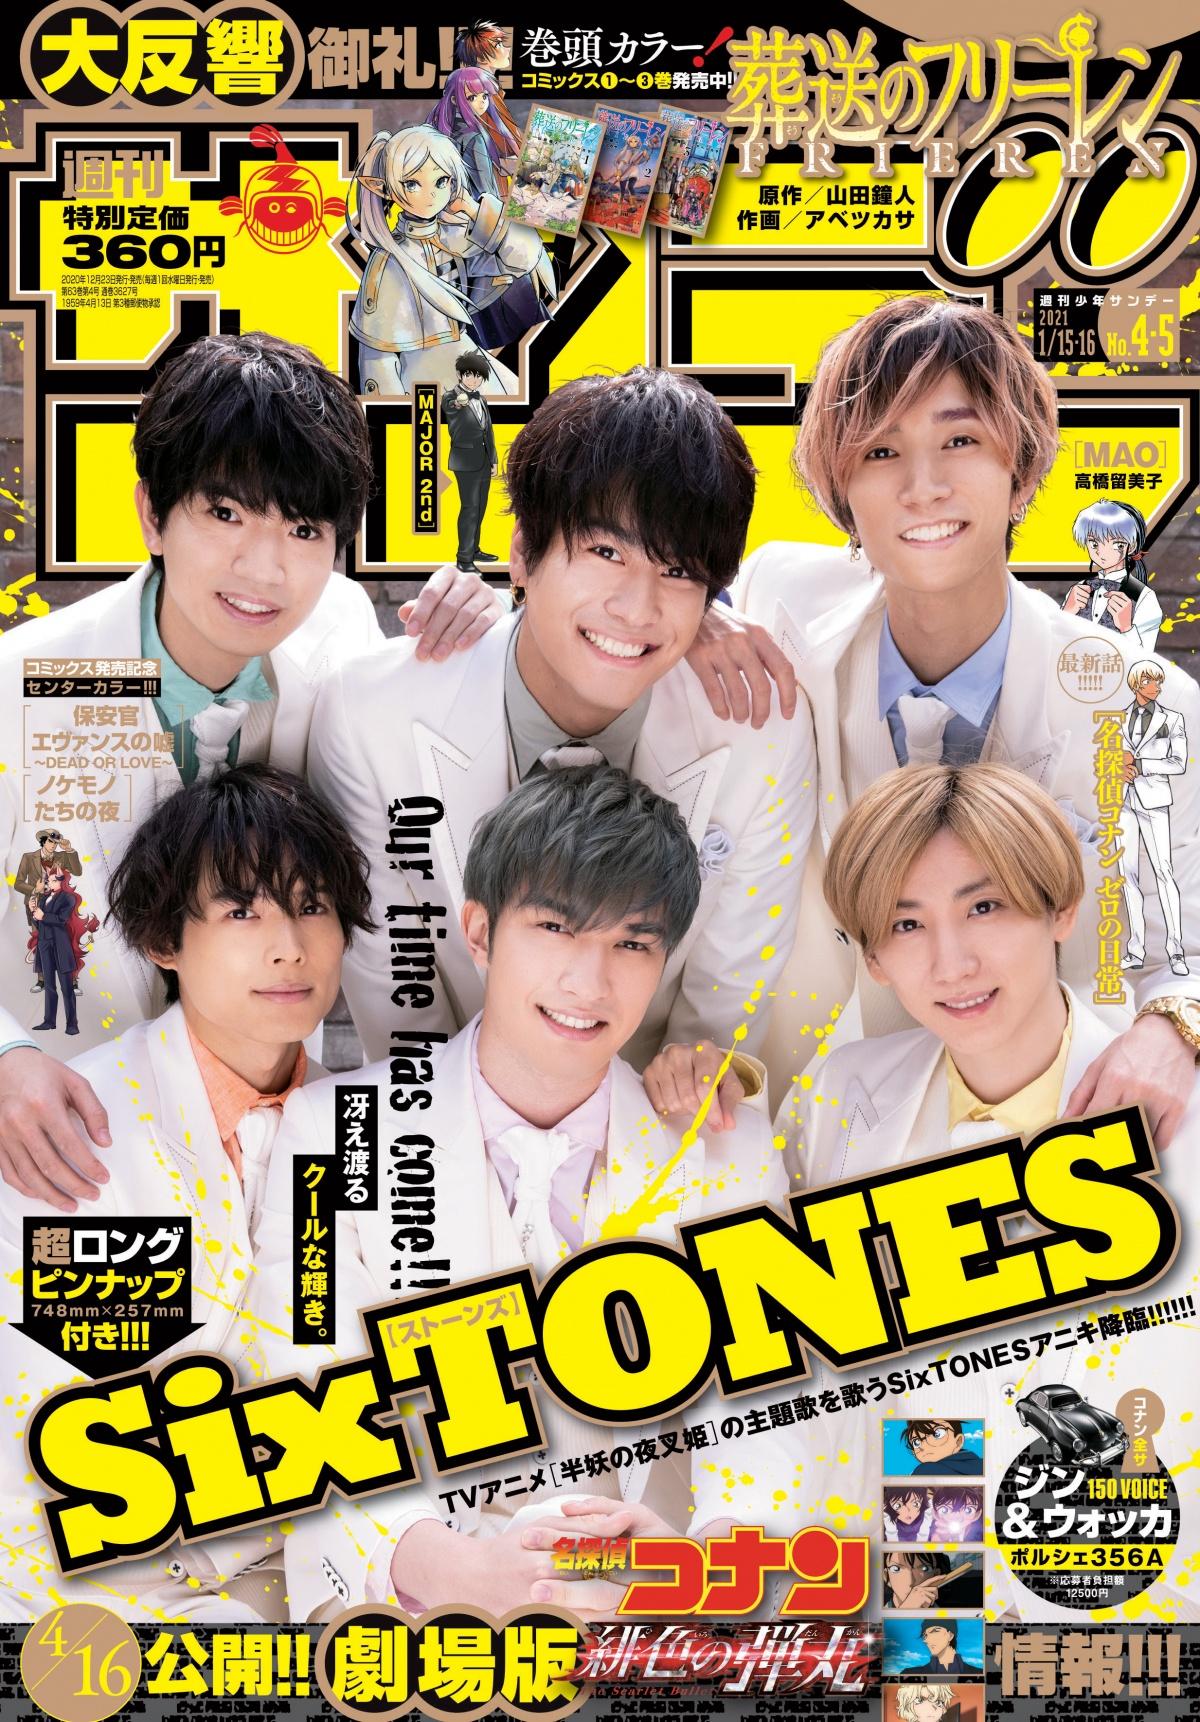 テレビ 情報 sixtones